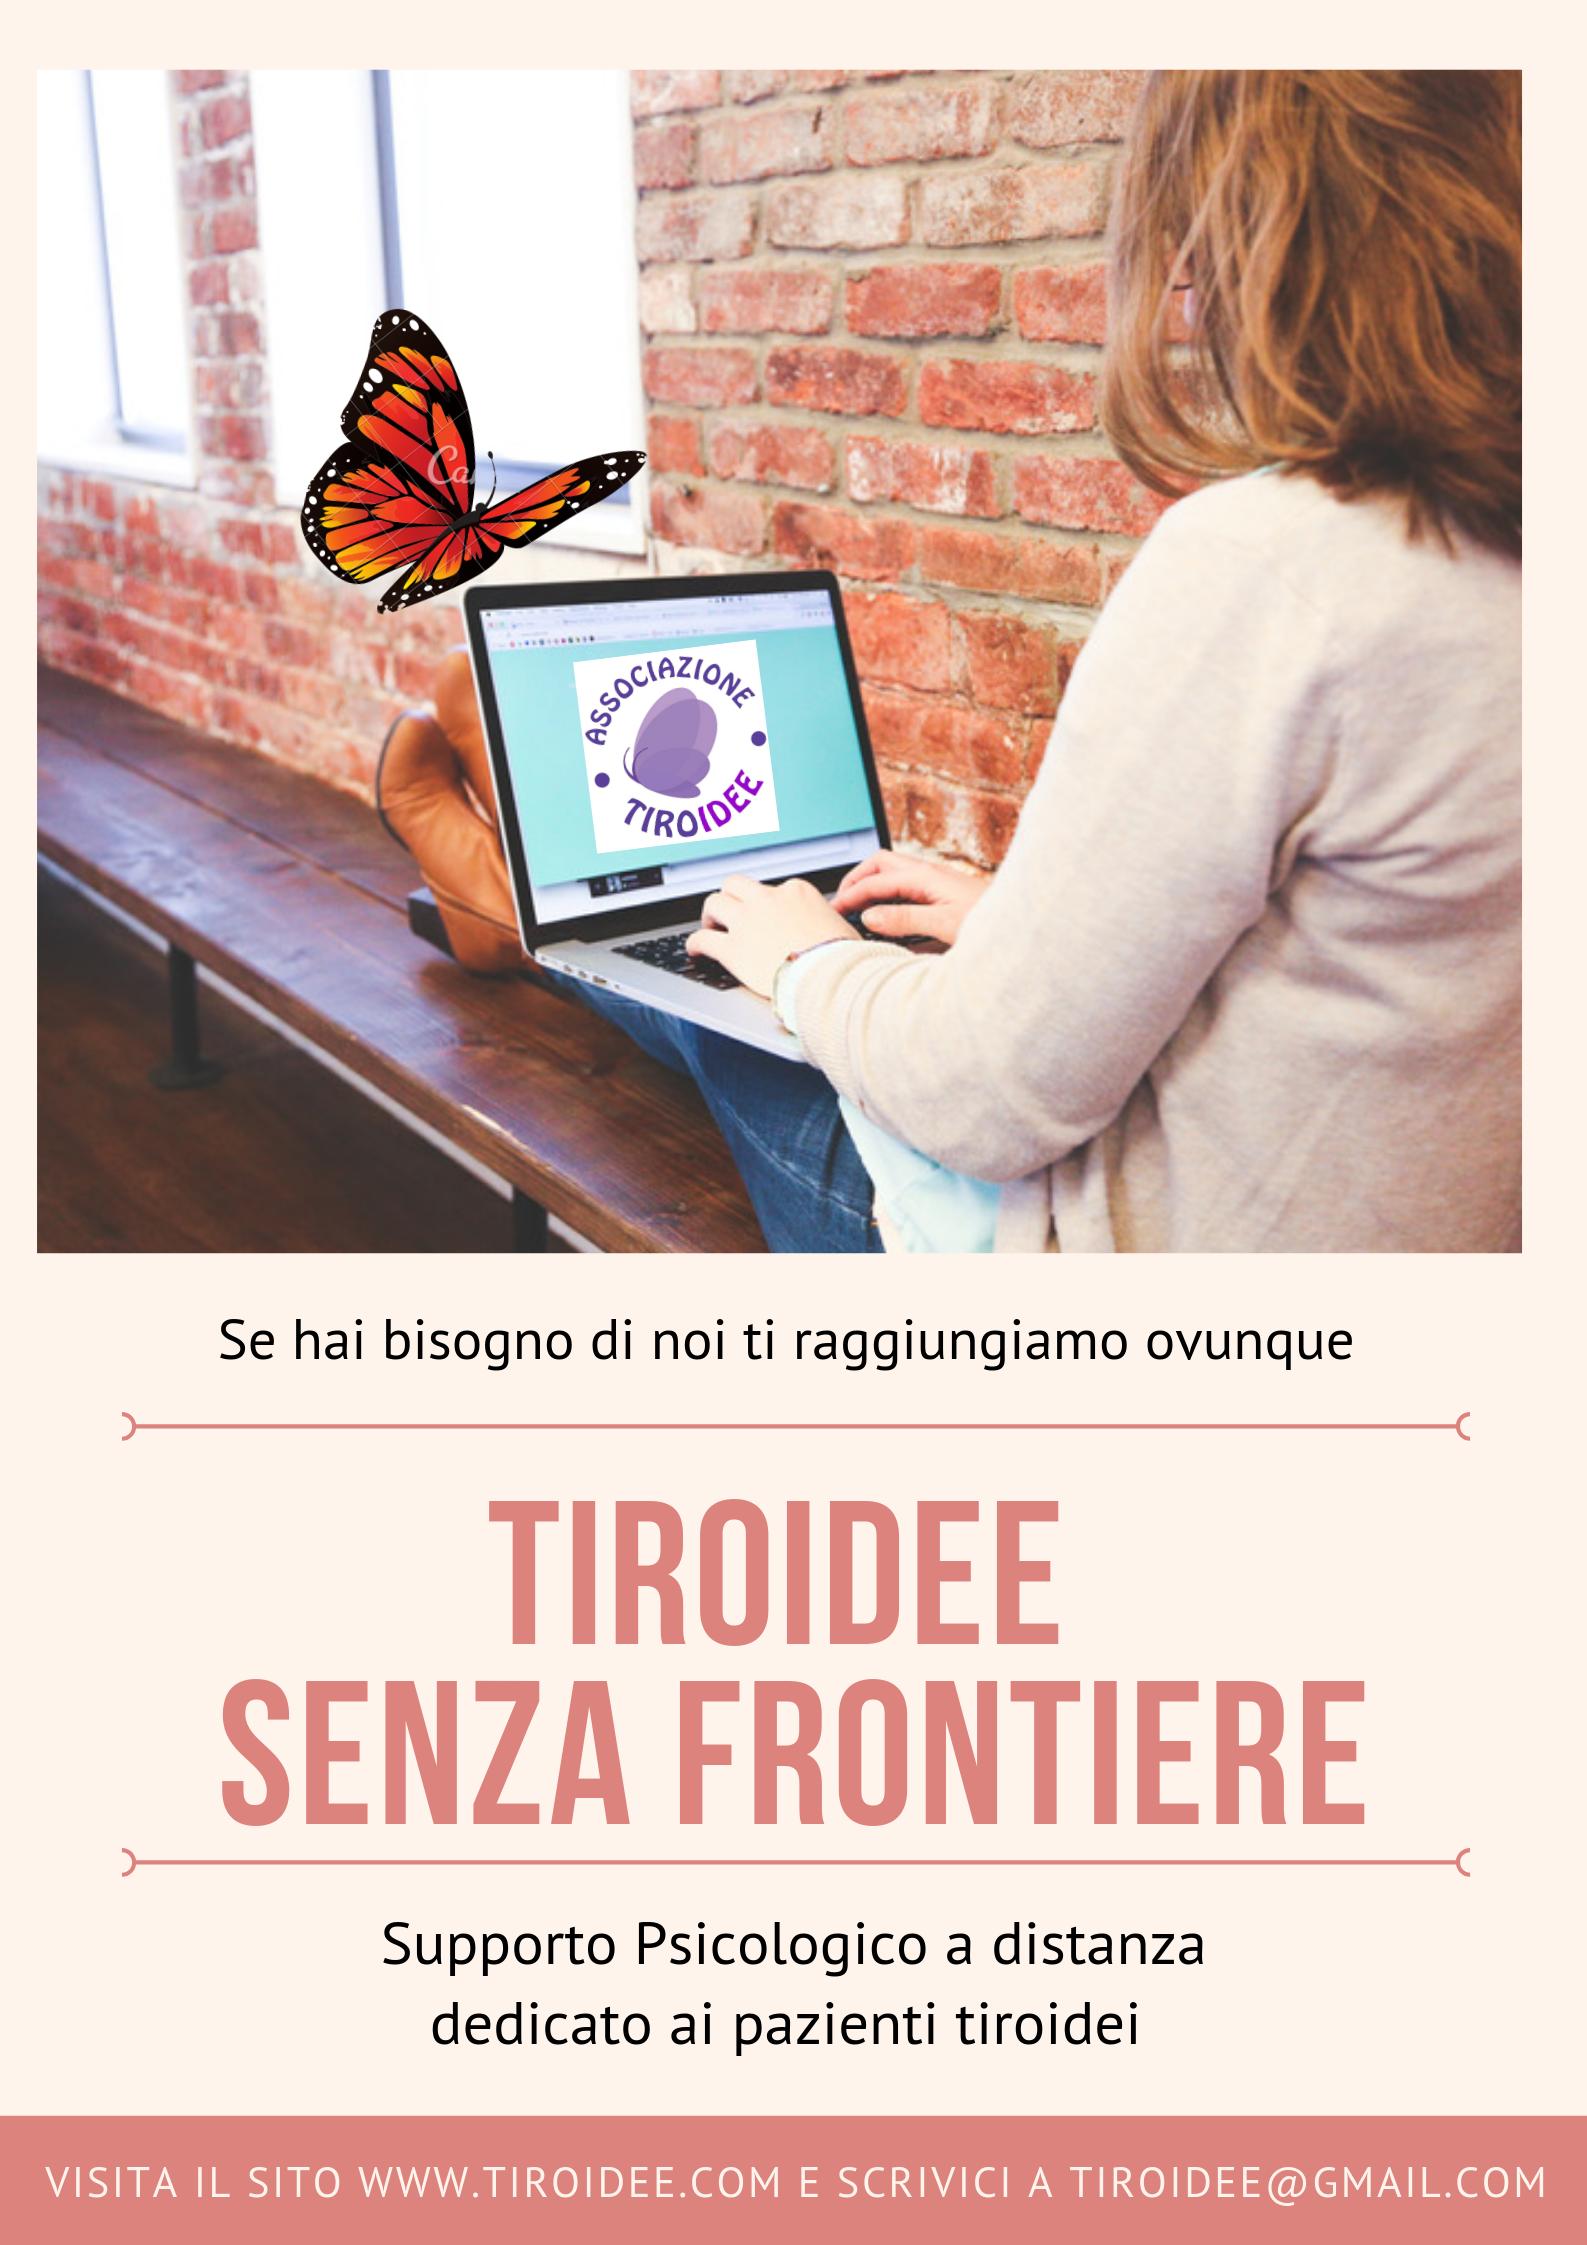 Tiroidee senza frontiere